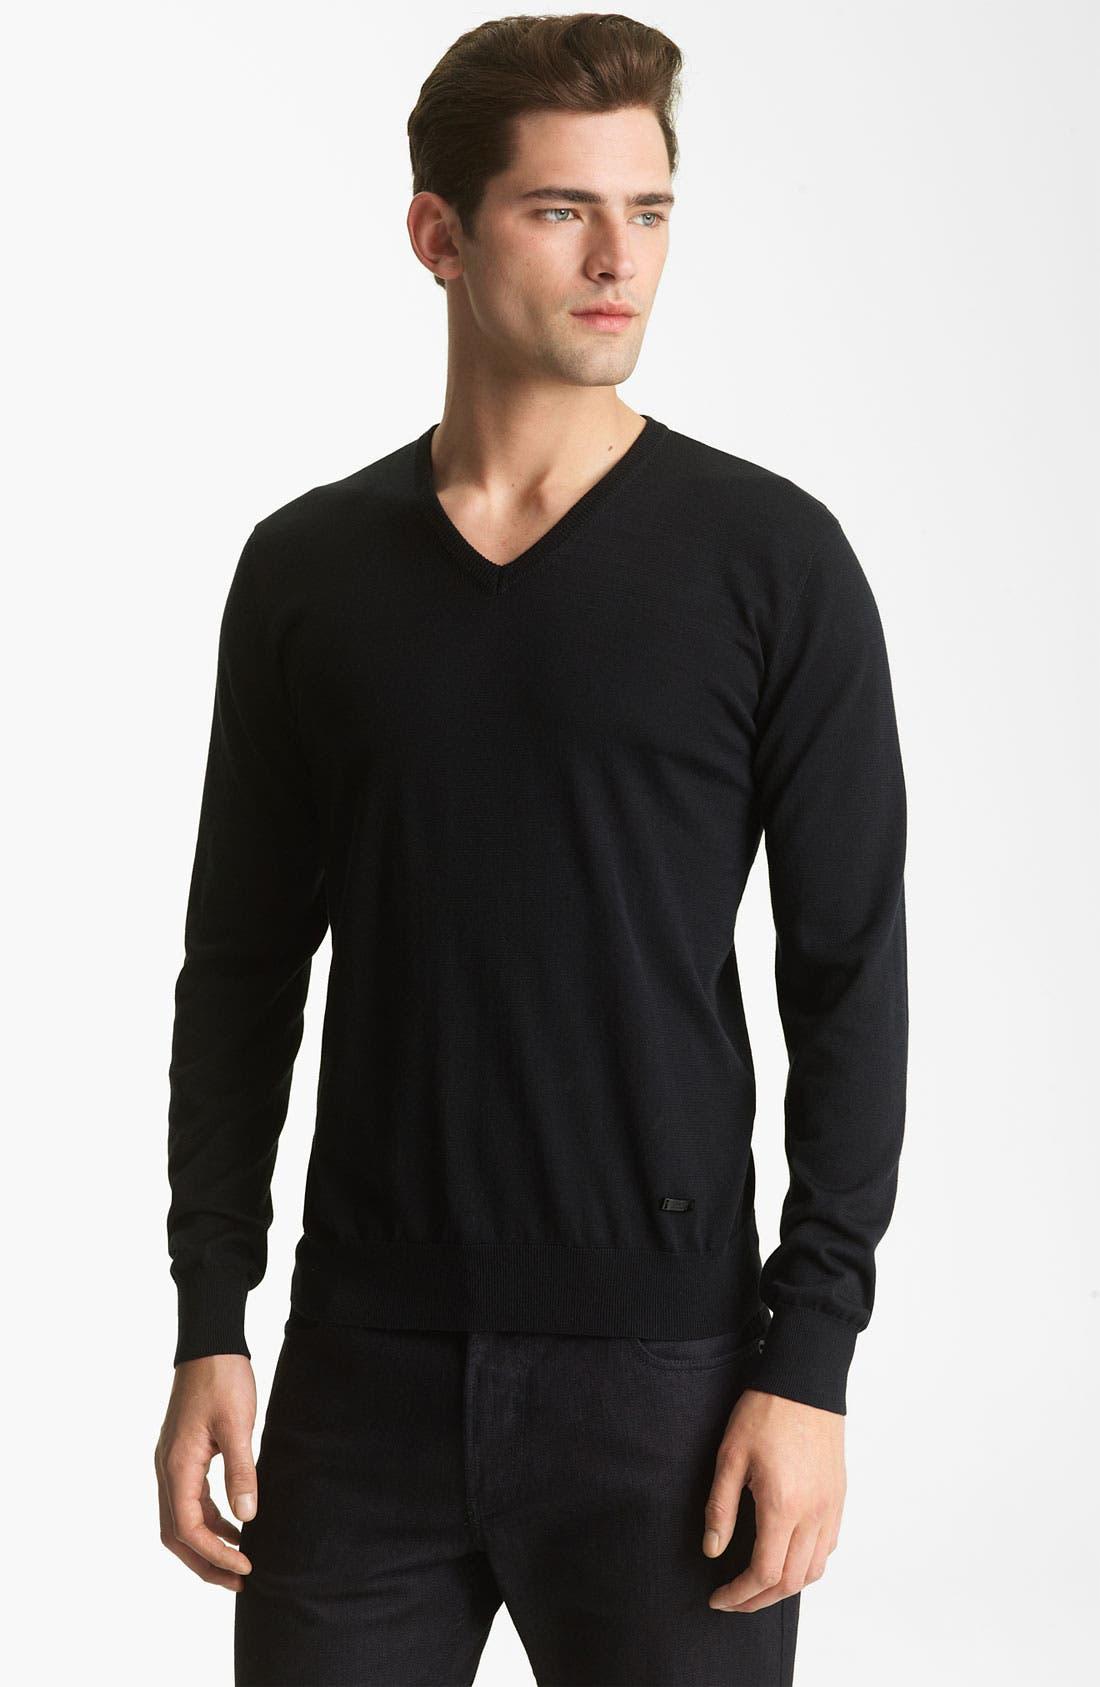 Alternate Image 1 Selected - Armani Collezioni V-Neck Silk & Cotton Sweater